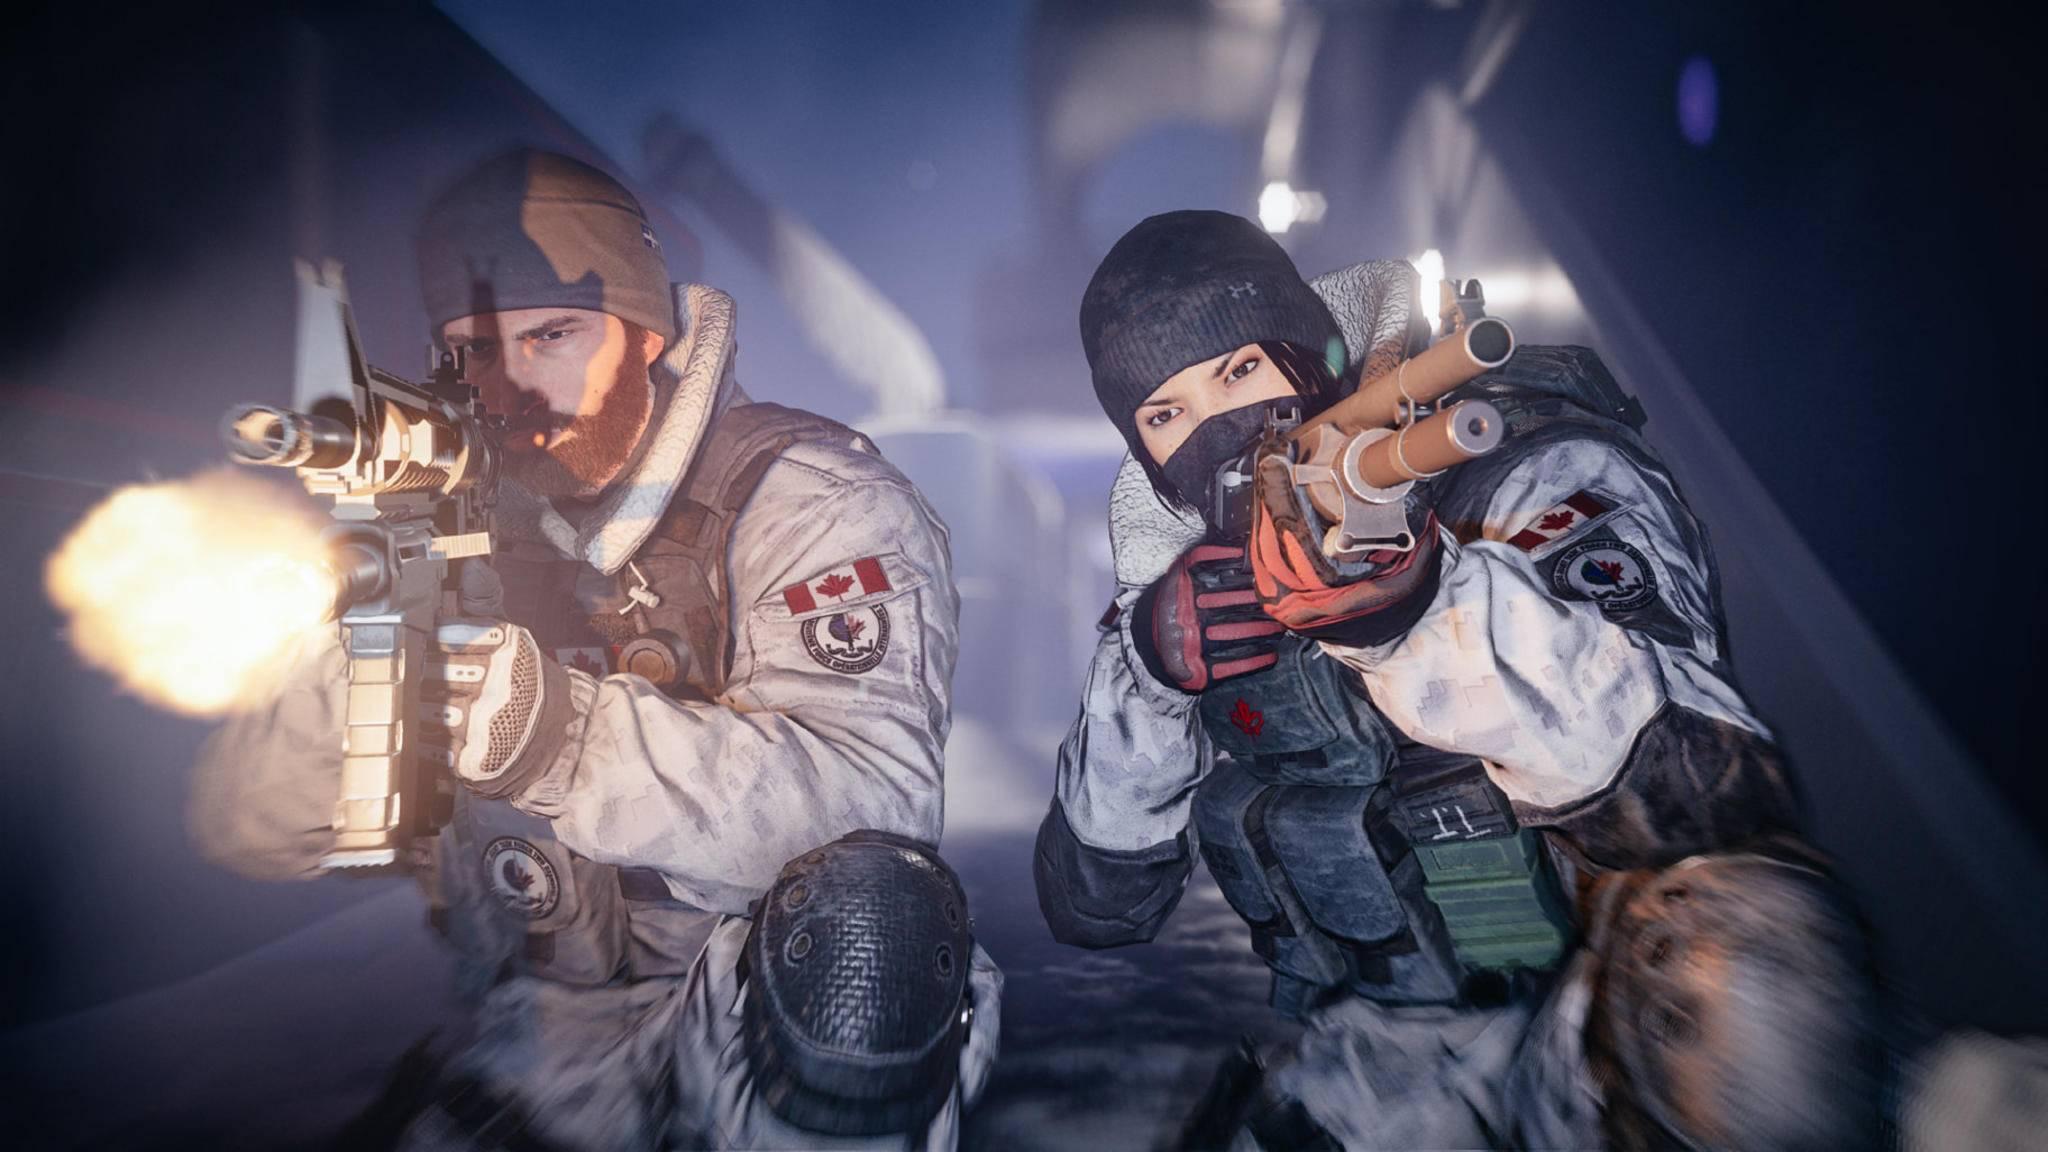 Bringt Ubisoft ein neues kooperatives Taktik-Spiel mit zur E3?